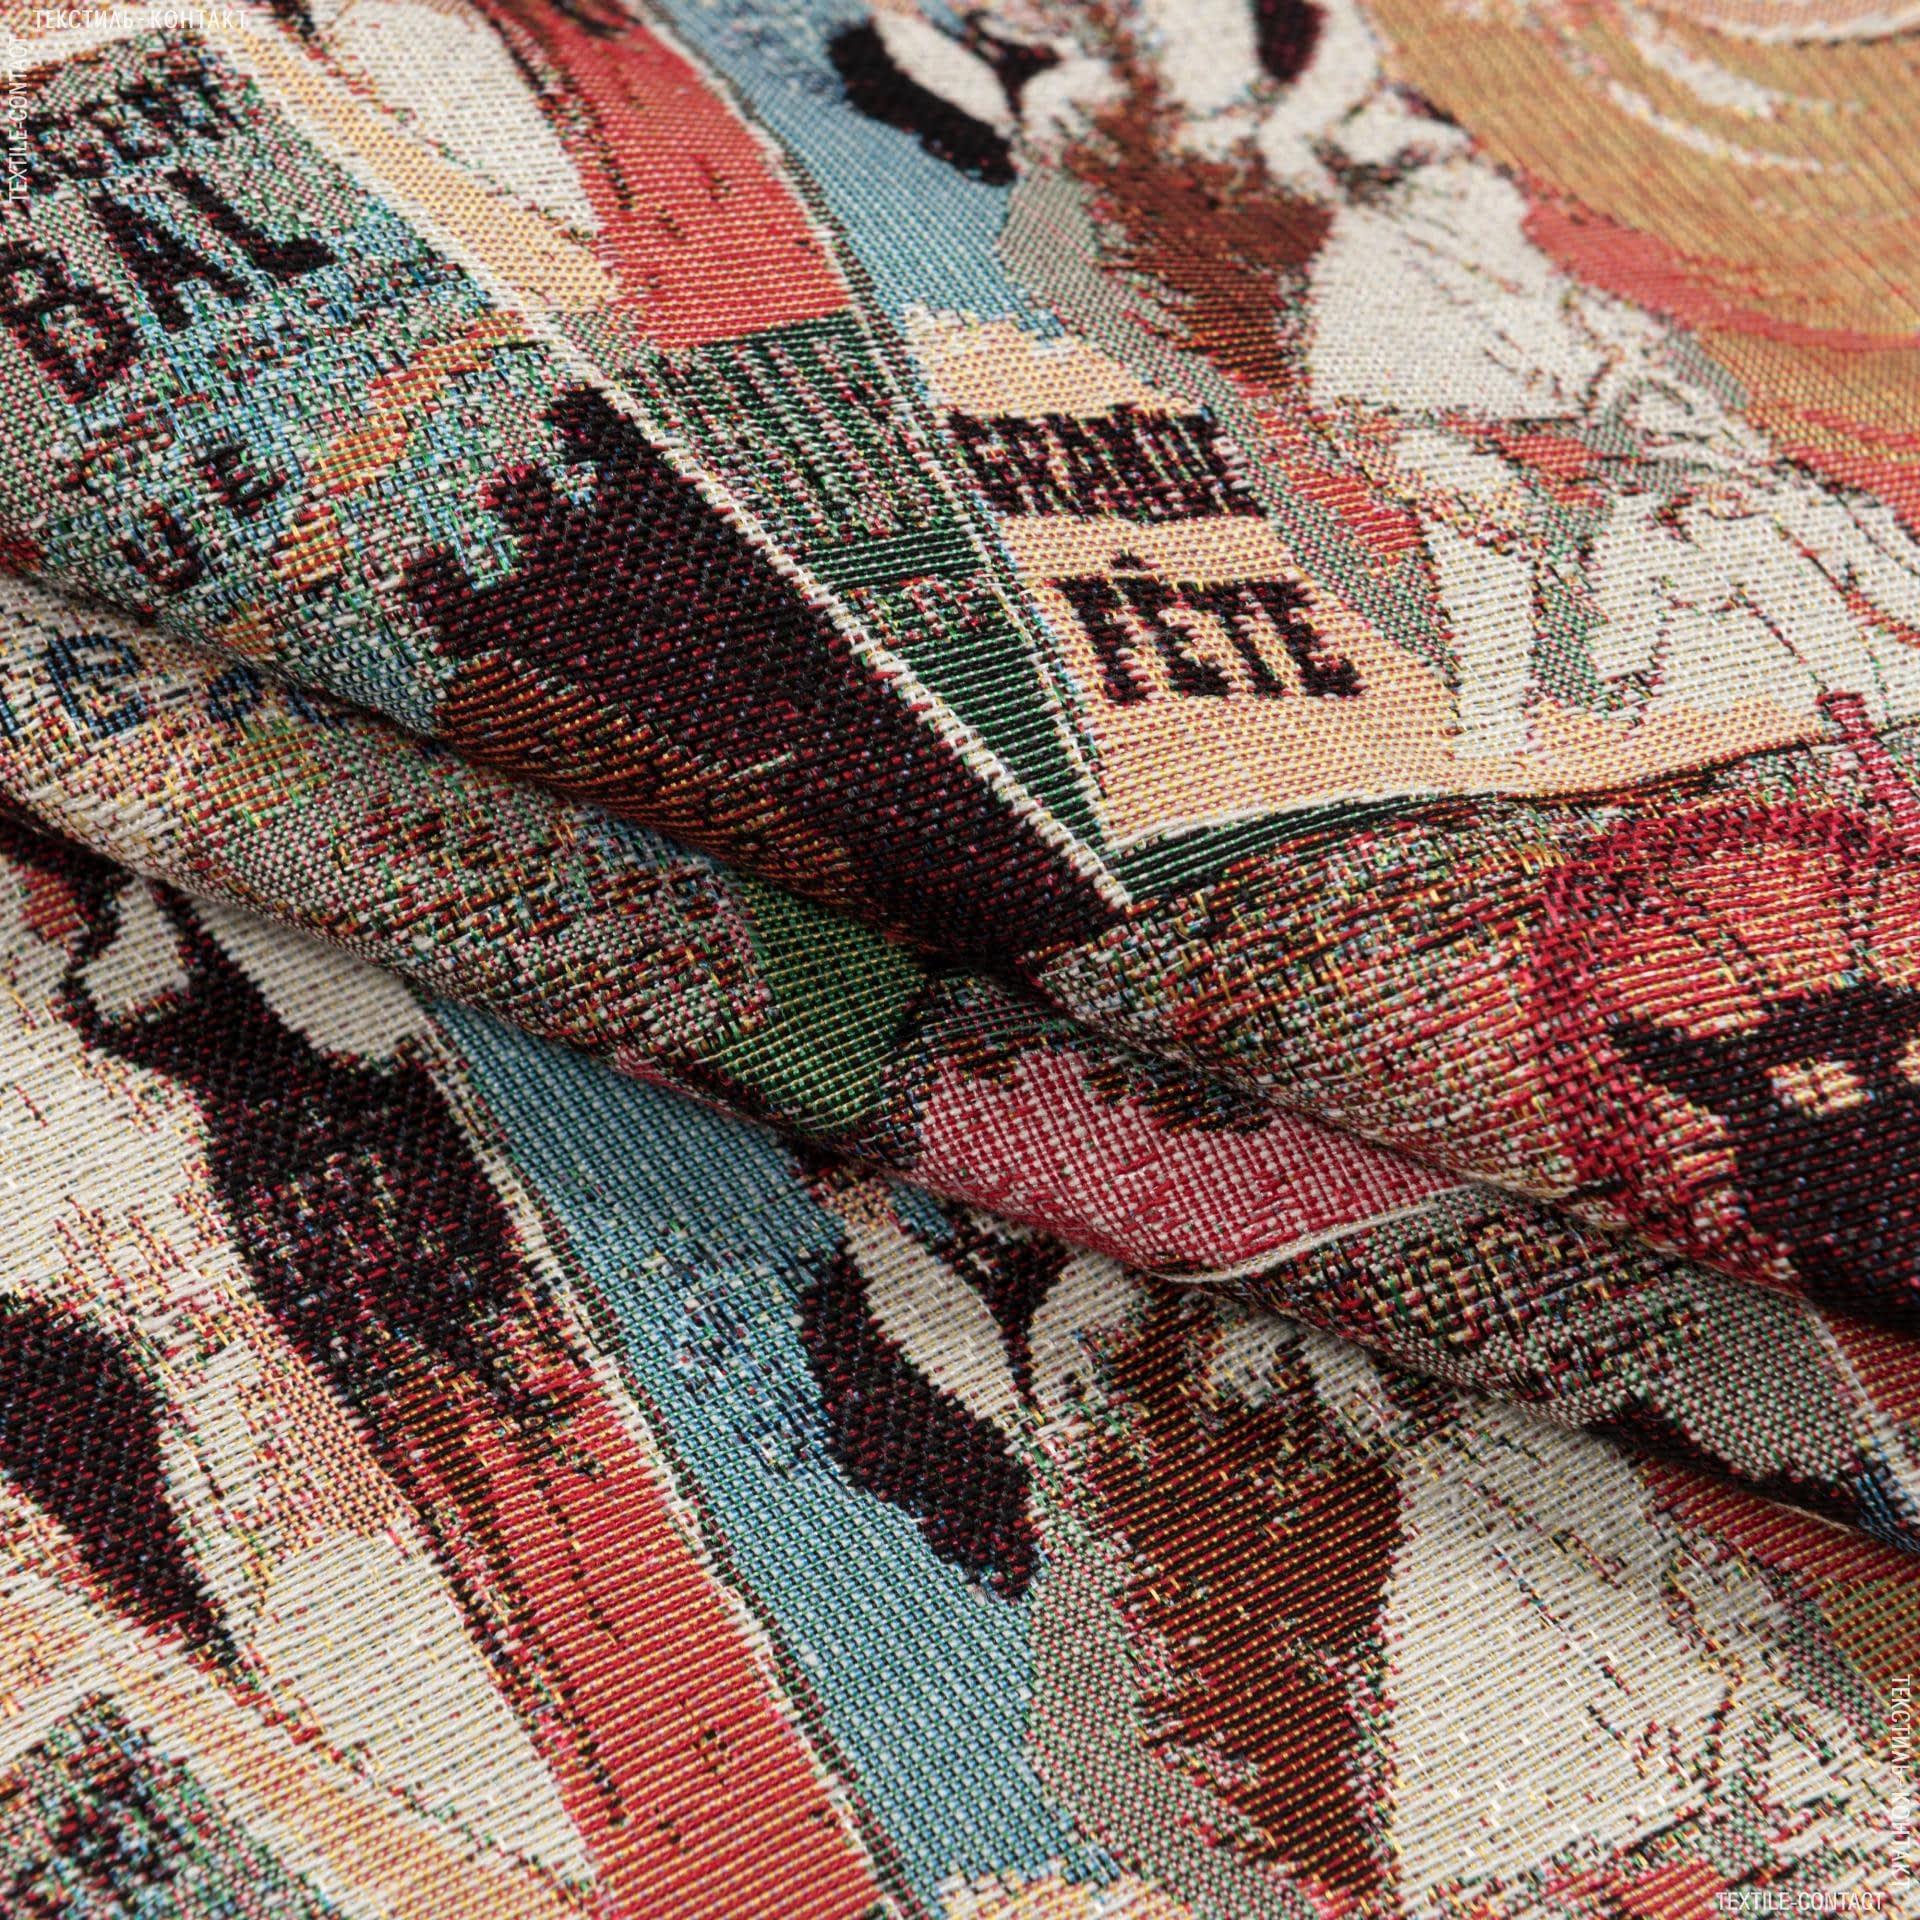 Ткани портьерные ткани - Декоративная ткань  лаутрес  мулен руж